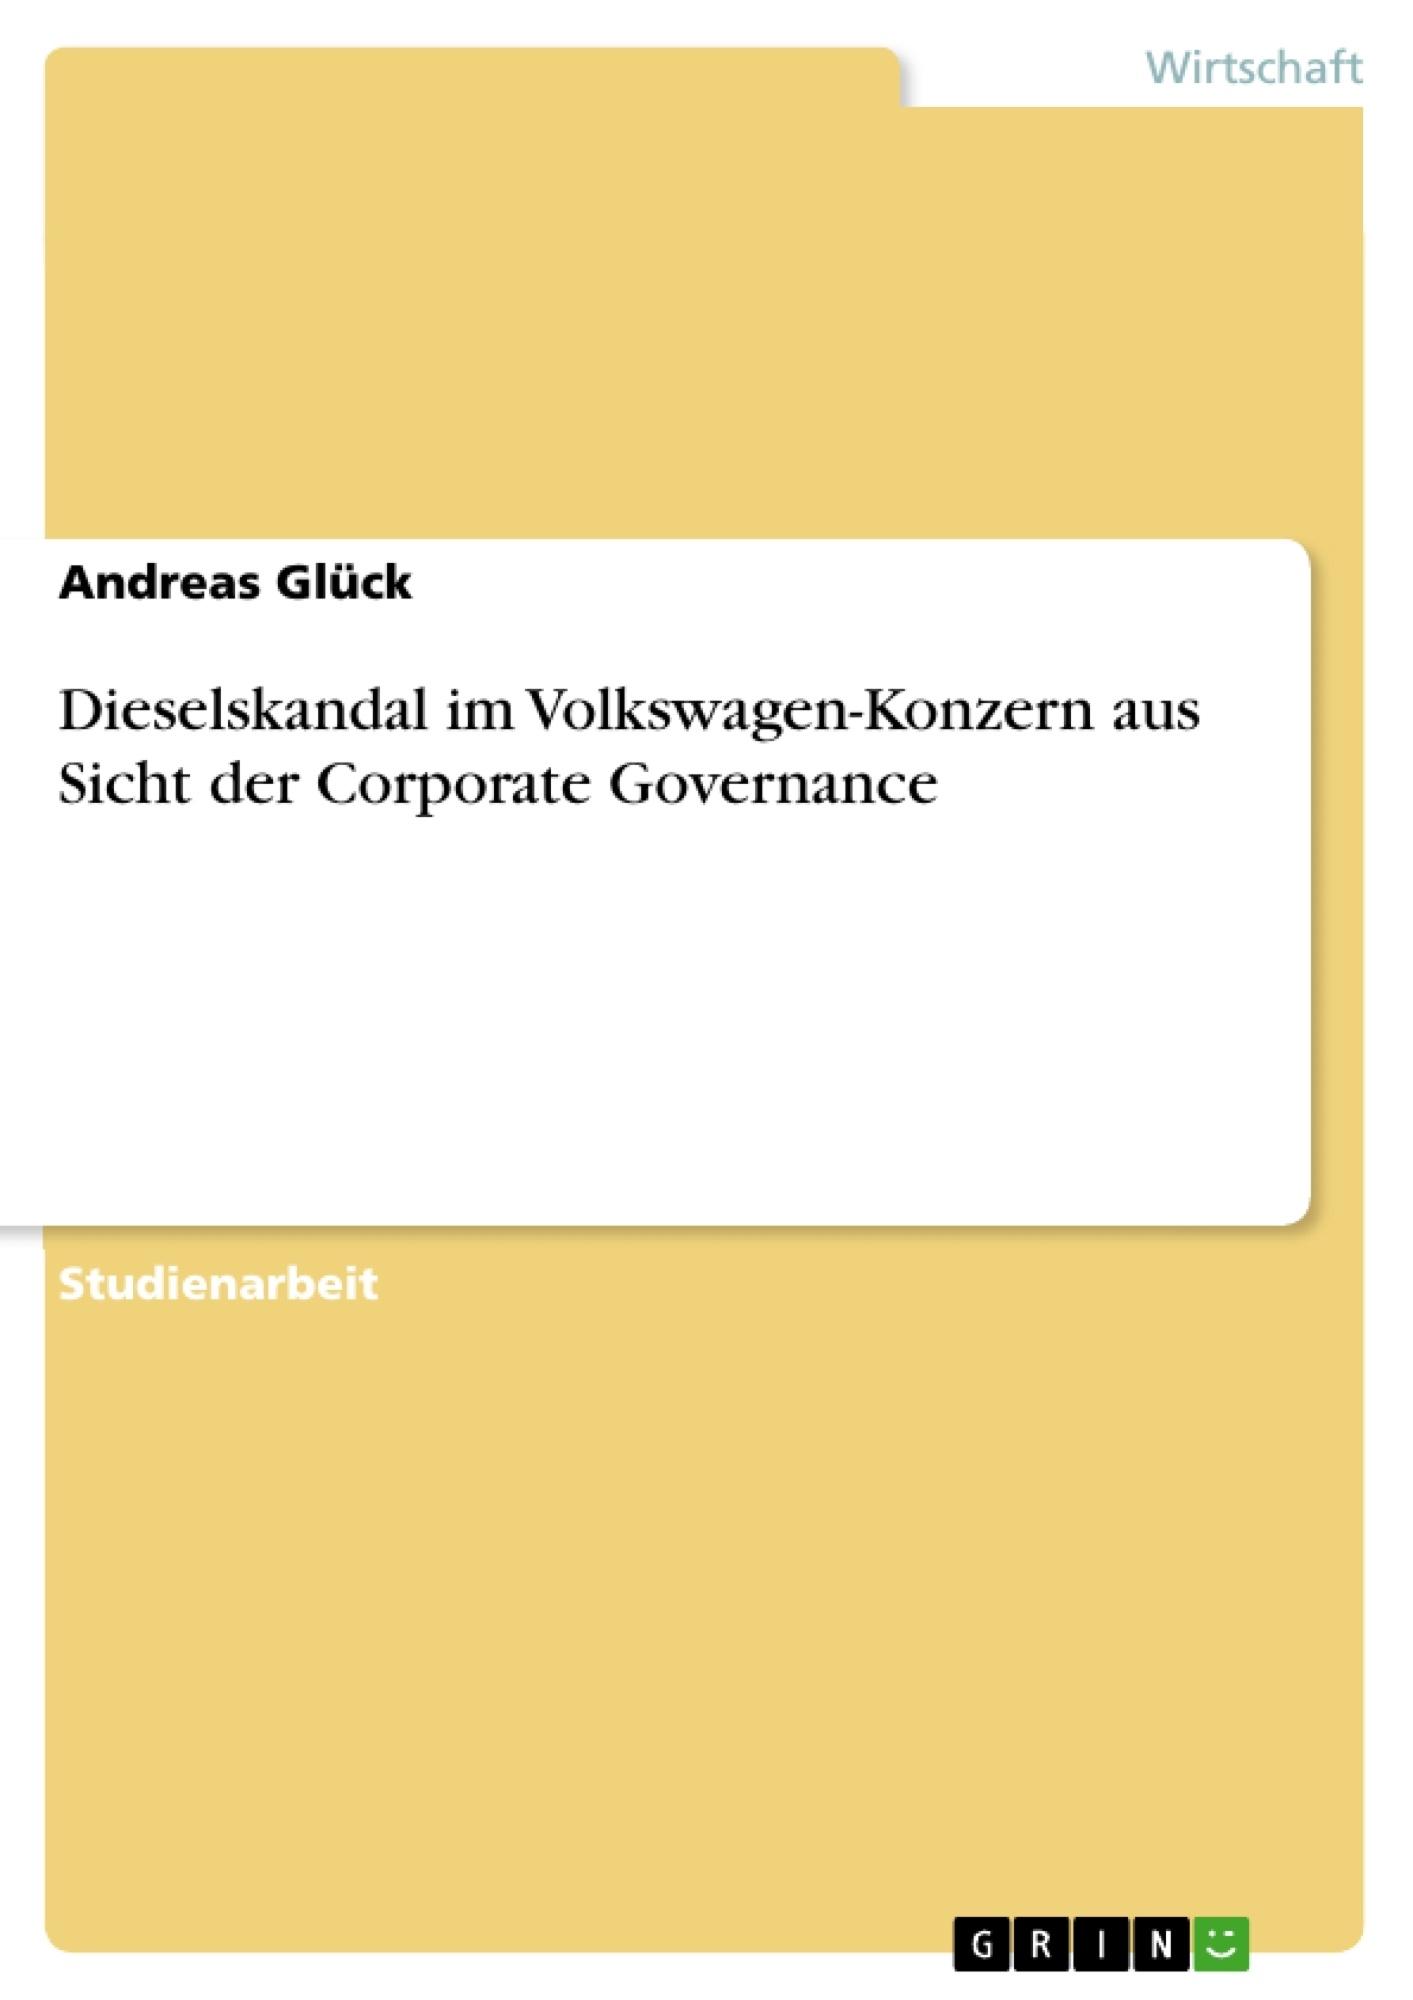 Titel: Dieselskandal im Volkswagen-Konzern aus Sicht der Corporate Governance